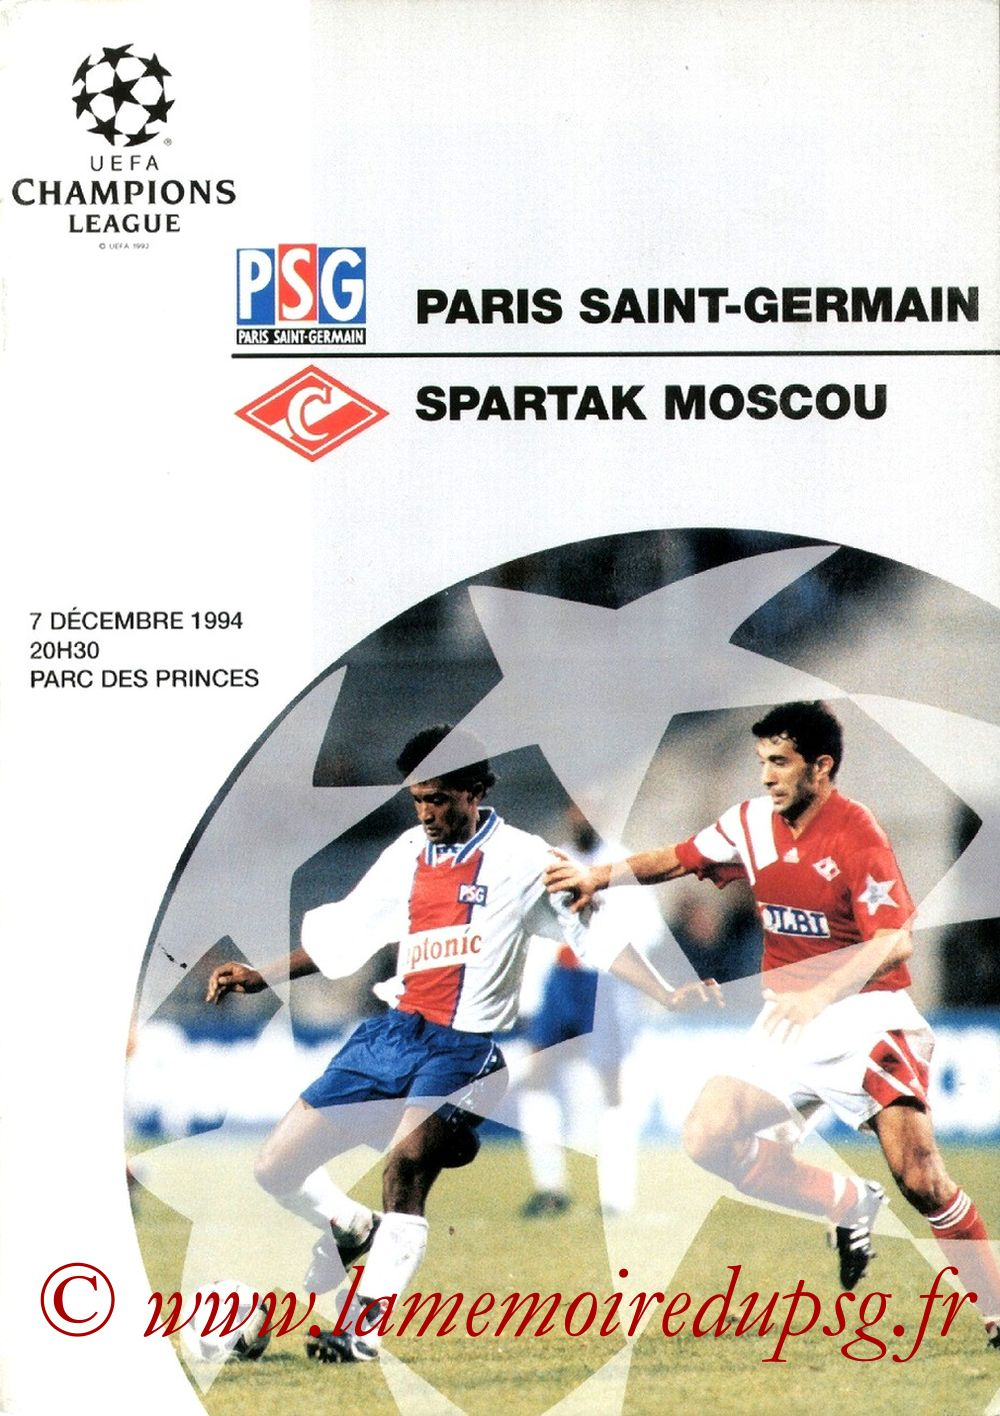 1994-12-07  PSG-Spartak Moscou (6ème Poule C1, Officiel UEFA)